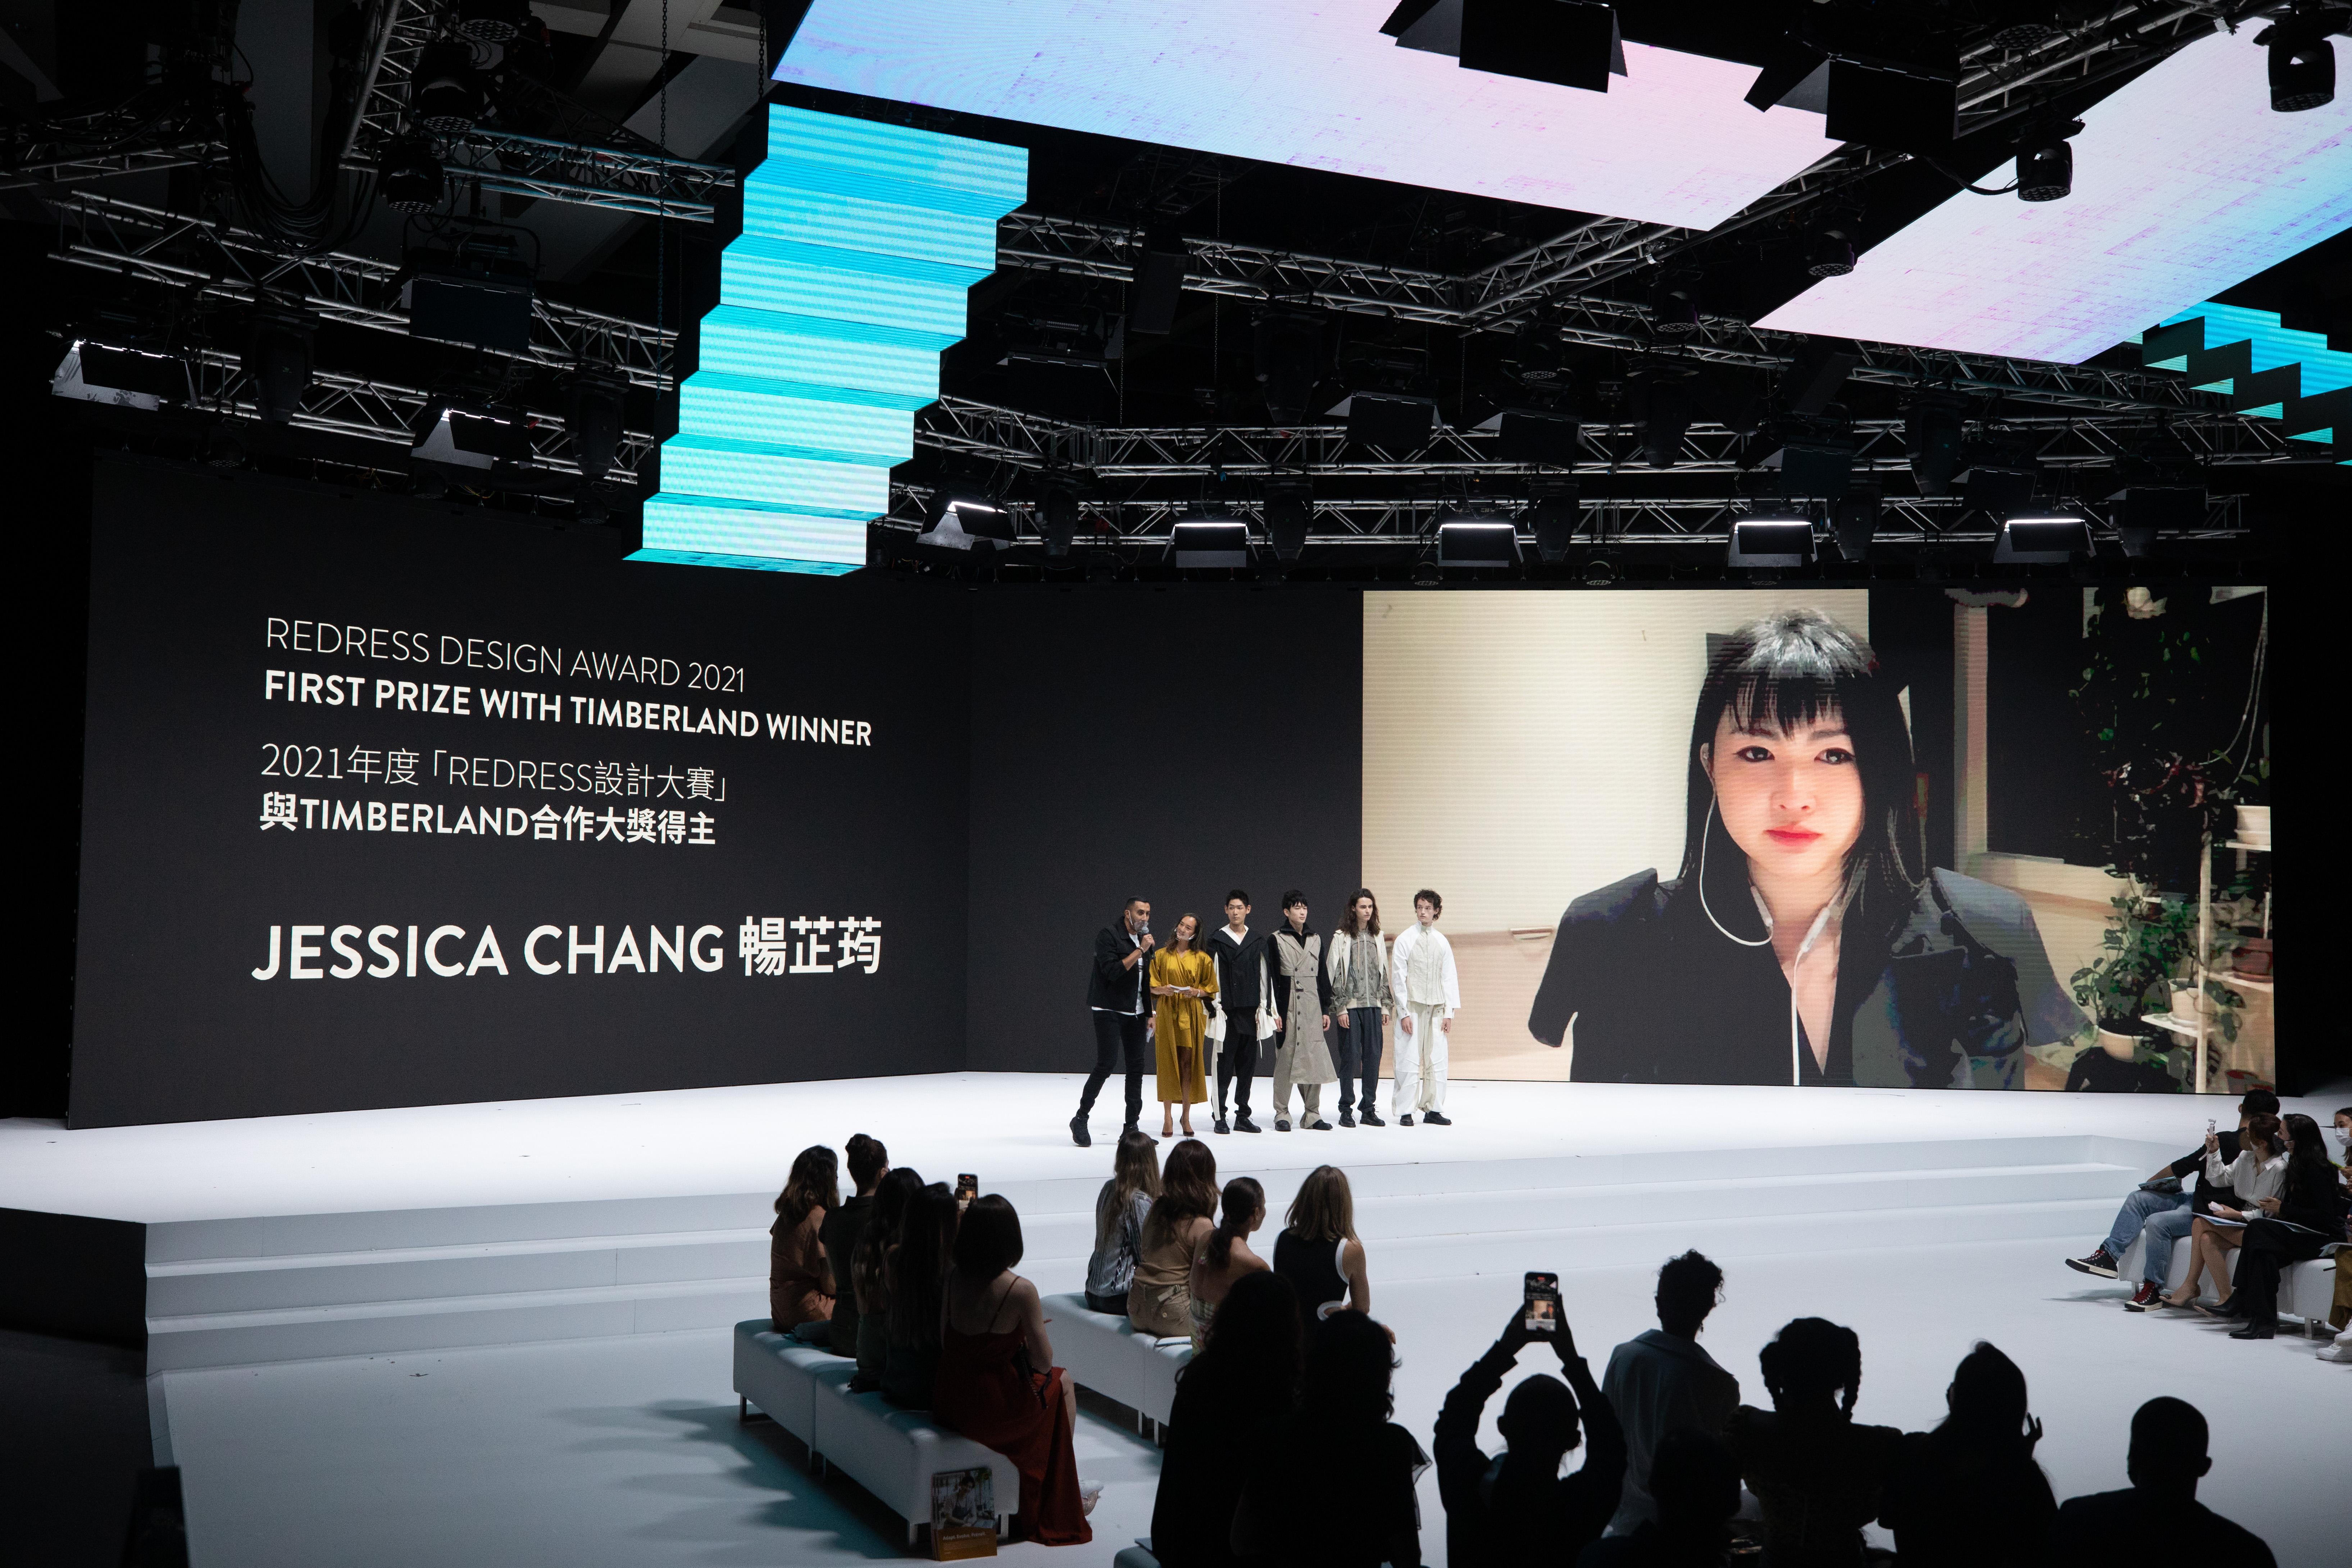 Redress Design Award 2021 Winners Announced